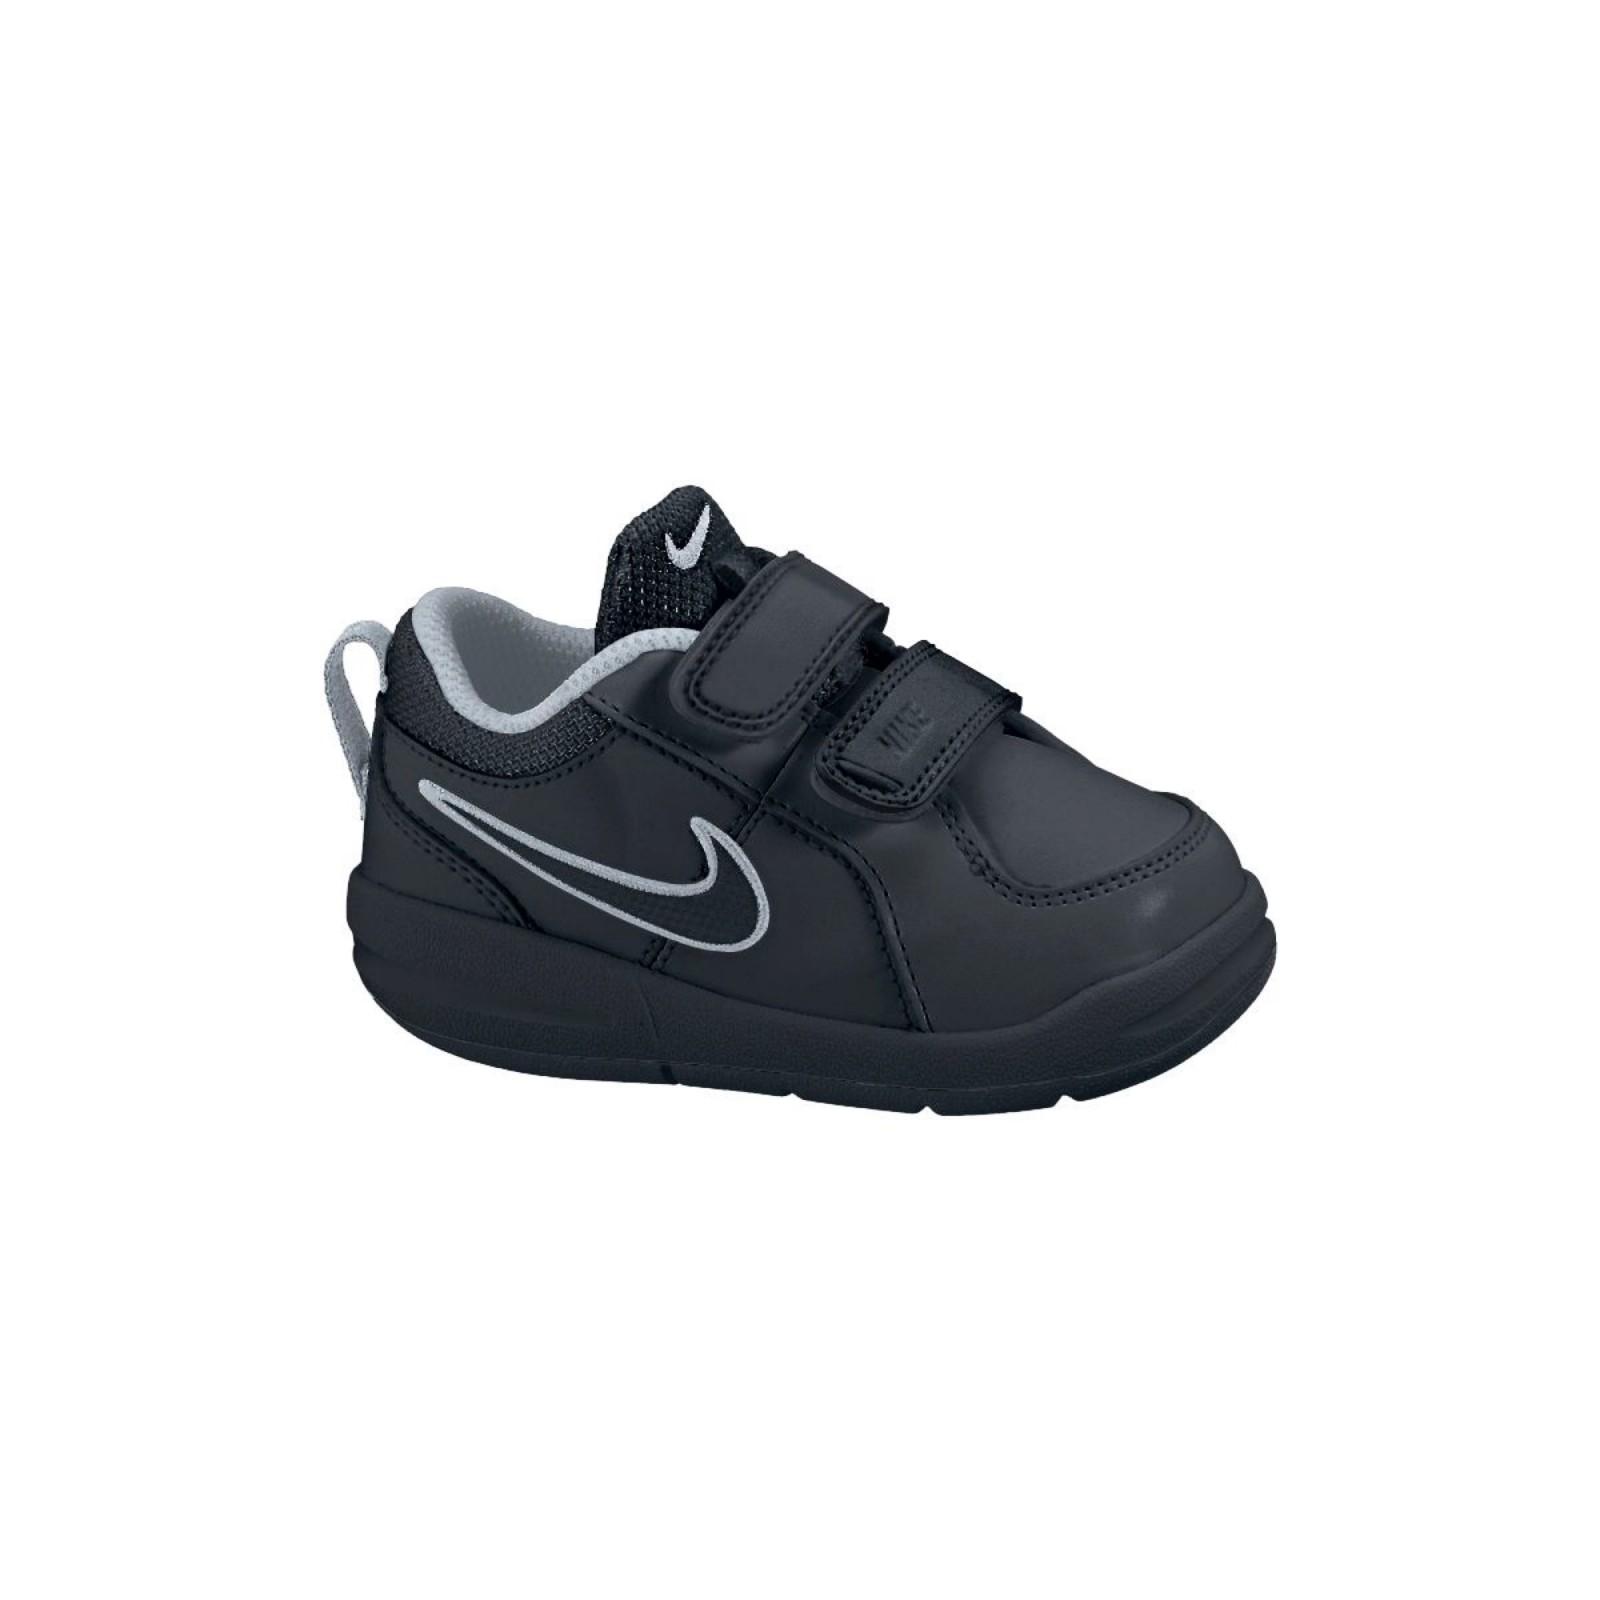 Dětské boty Nike PICO 4 (TDV)  7e2283a6e03